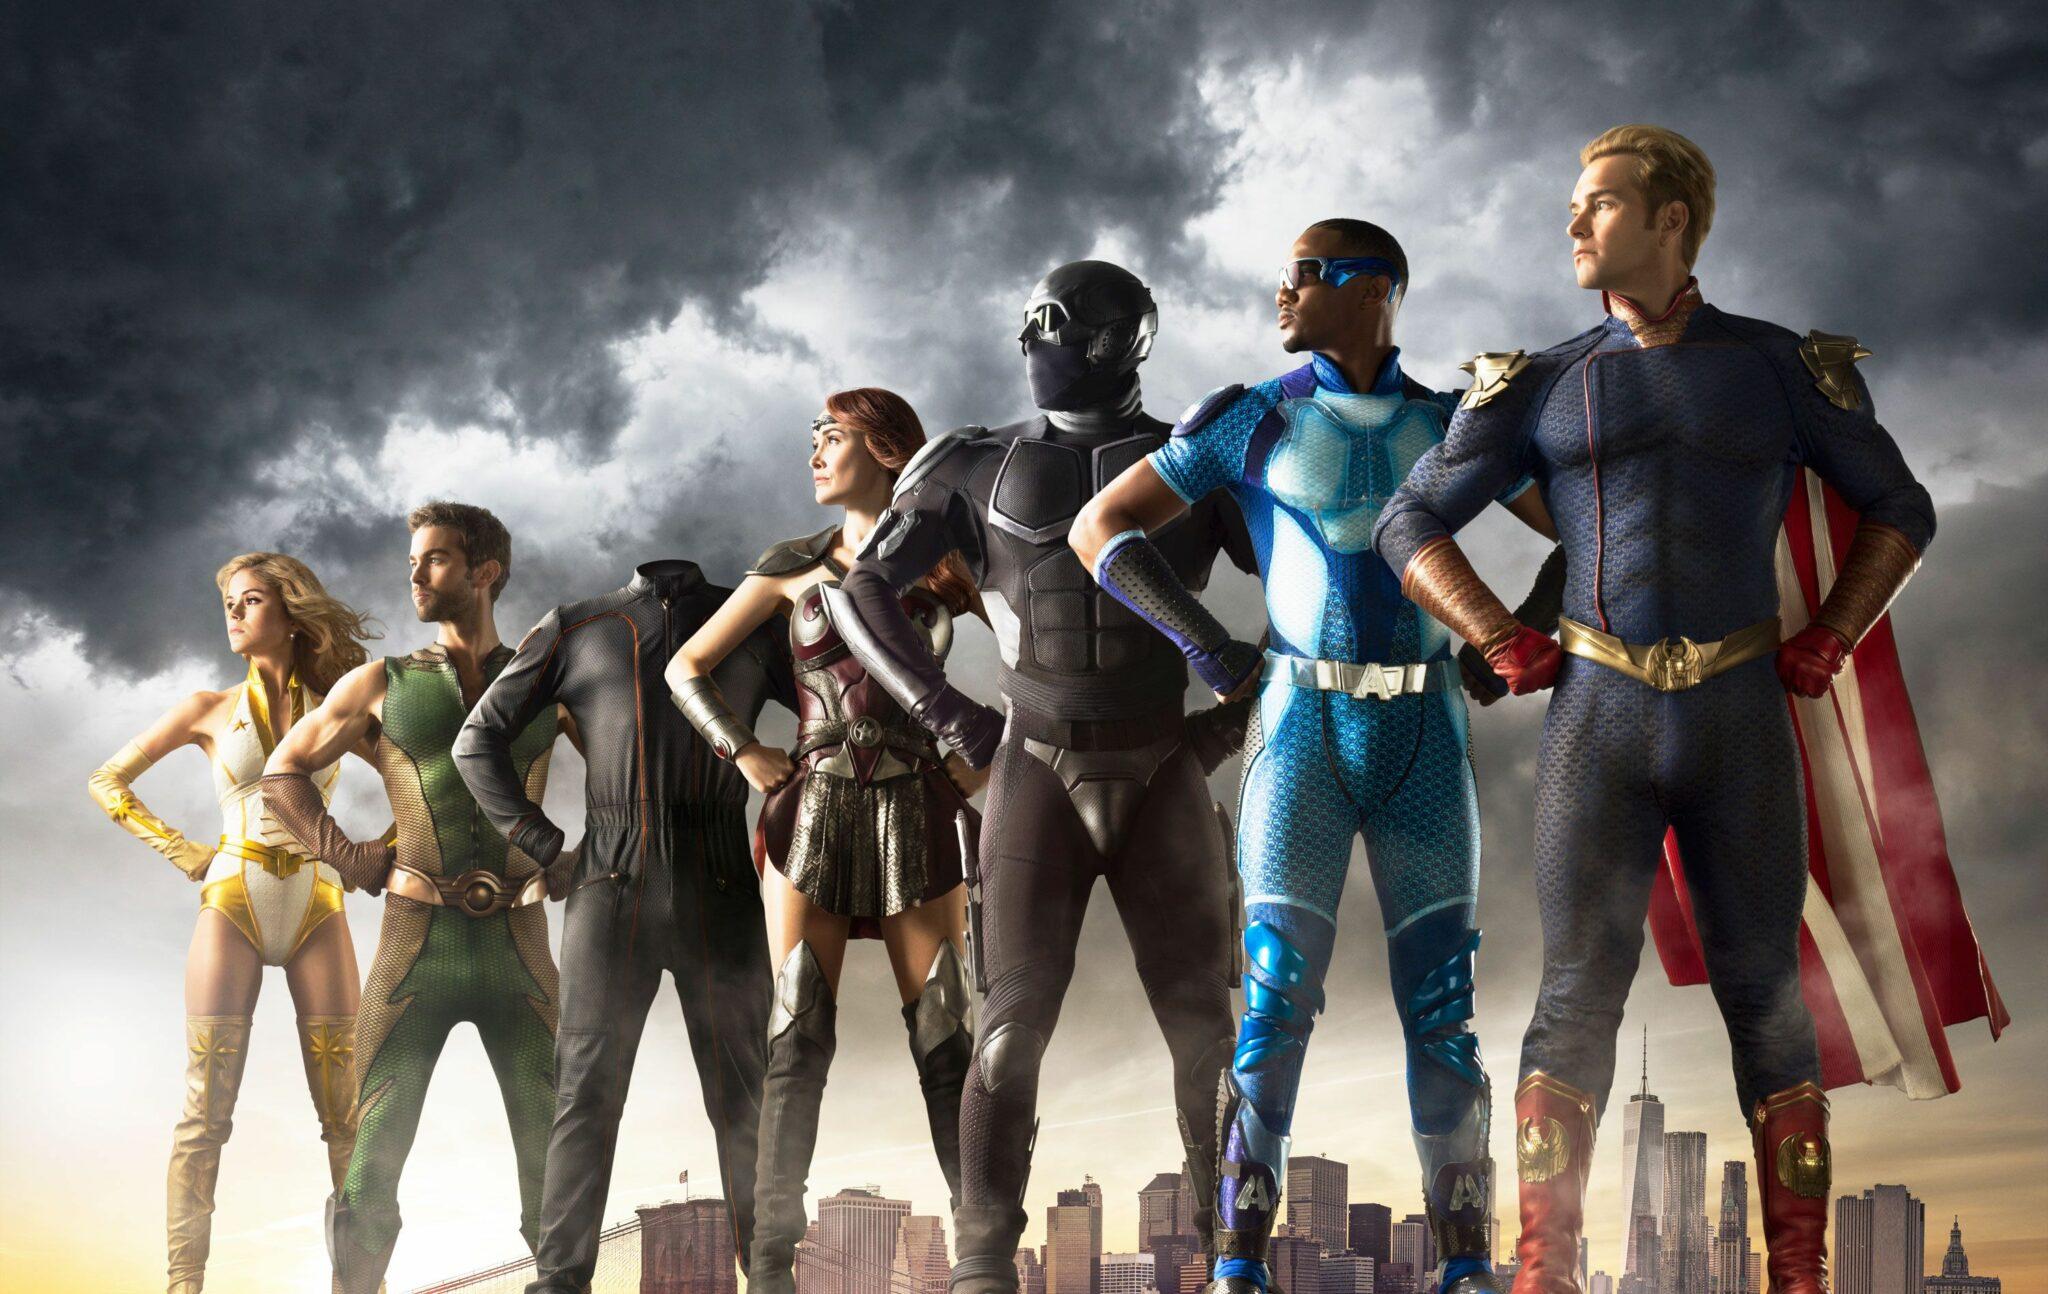 Las 12 mejores series de superhéroes de Netflix, Amazon, Disney+ y HBO para ver en 2021